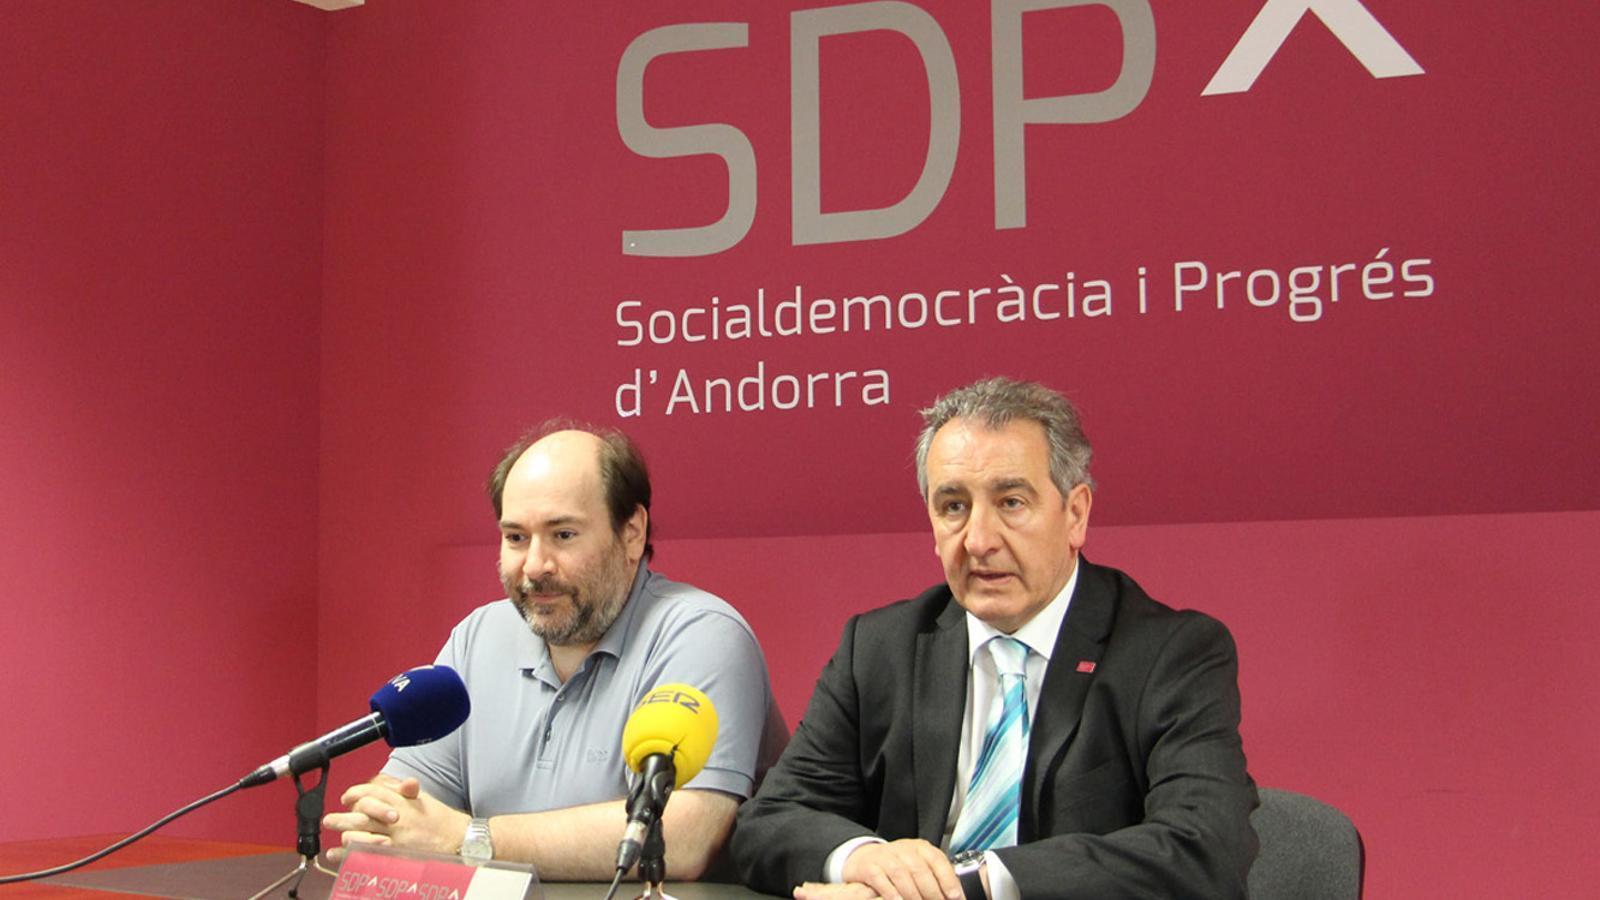 El secretari d'organització d'SDP, Joan-Marc Miralles i el preisdent de la formació, Jaume Bartumeu